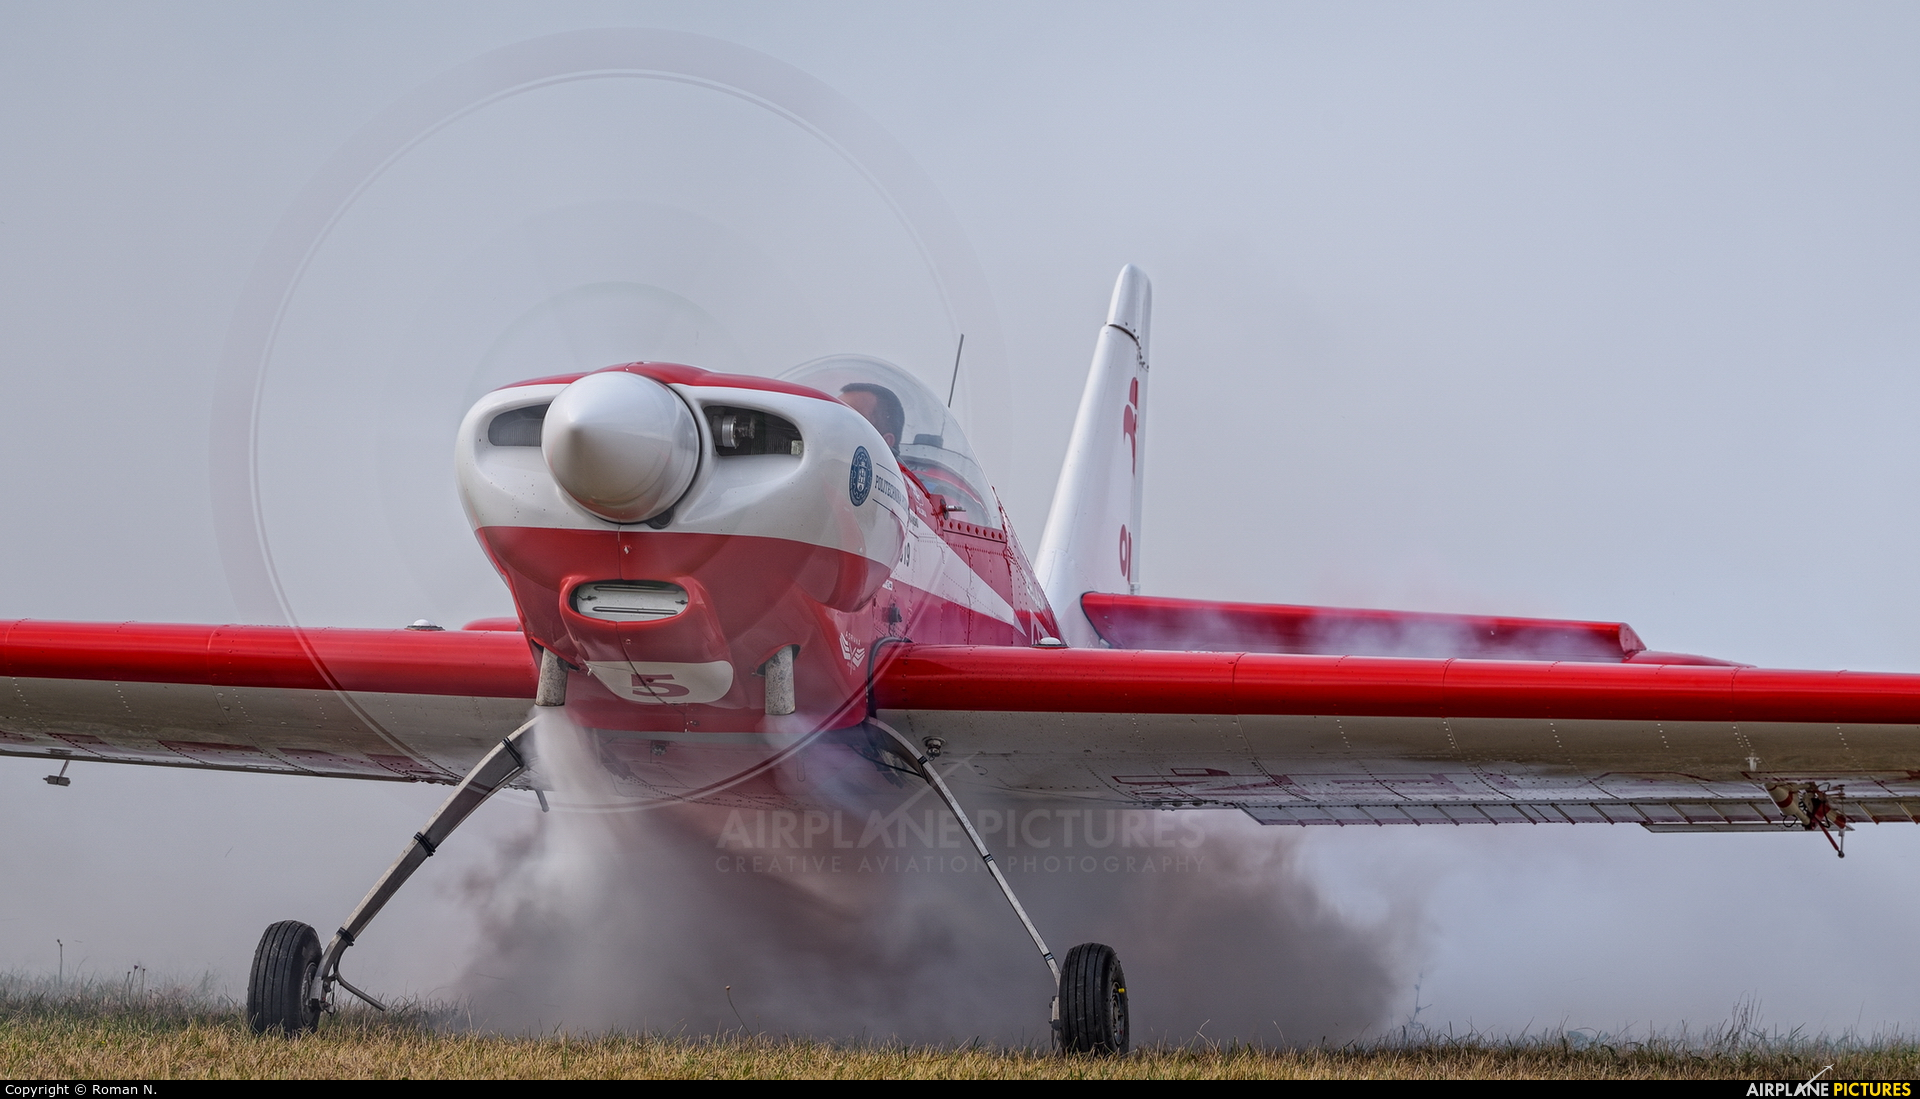 Grupa Akrobacyjna Żelazny - Acrobatic Group SP-AUE aircraft at Leszno - Strzyżewice